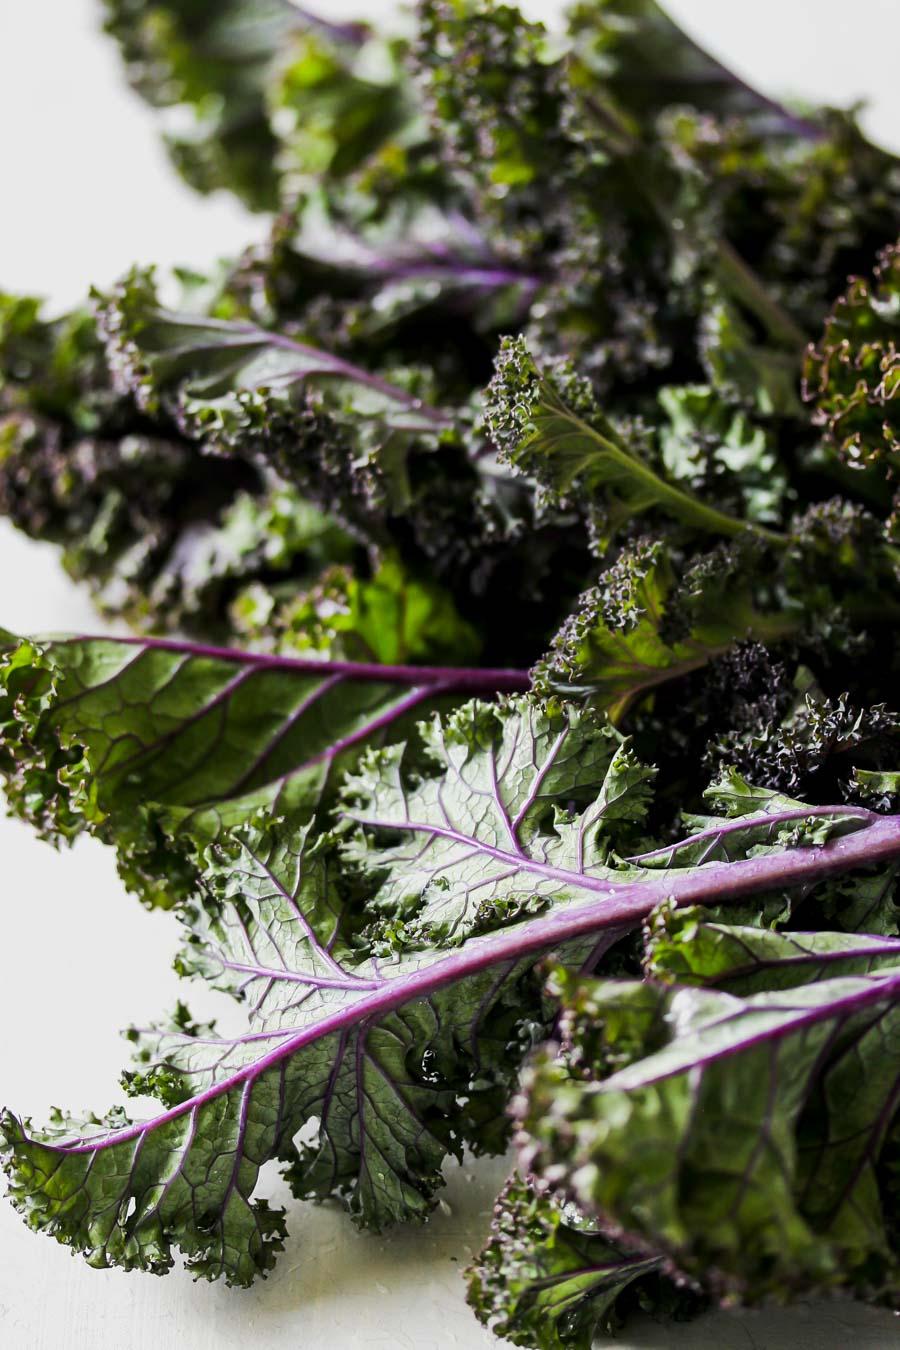 Vegan Kale Caesar with Smoky Tempeh Crumbles